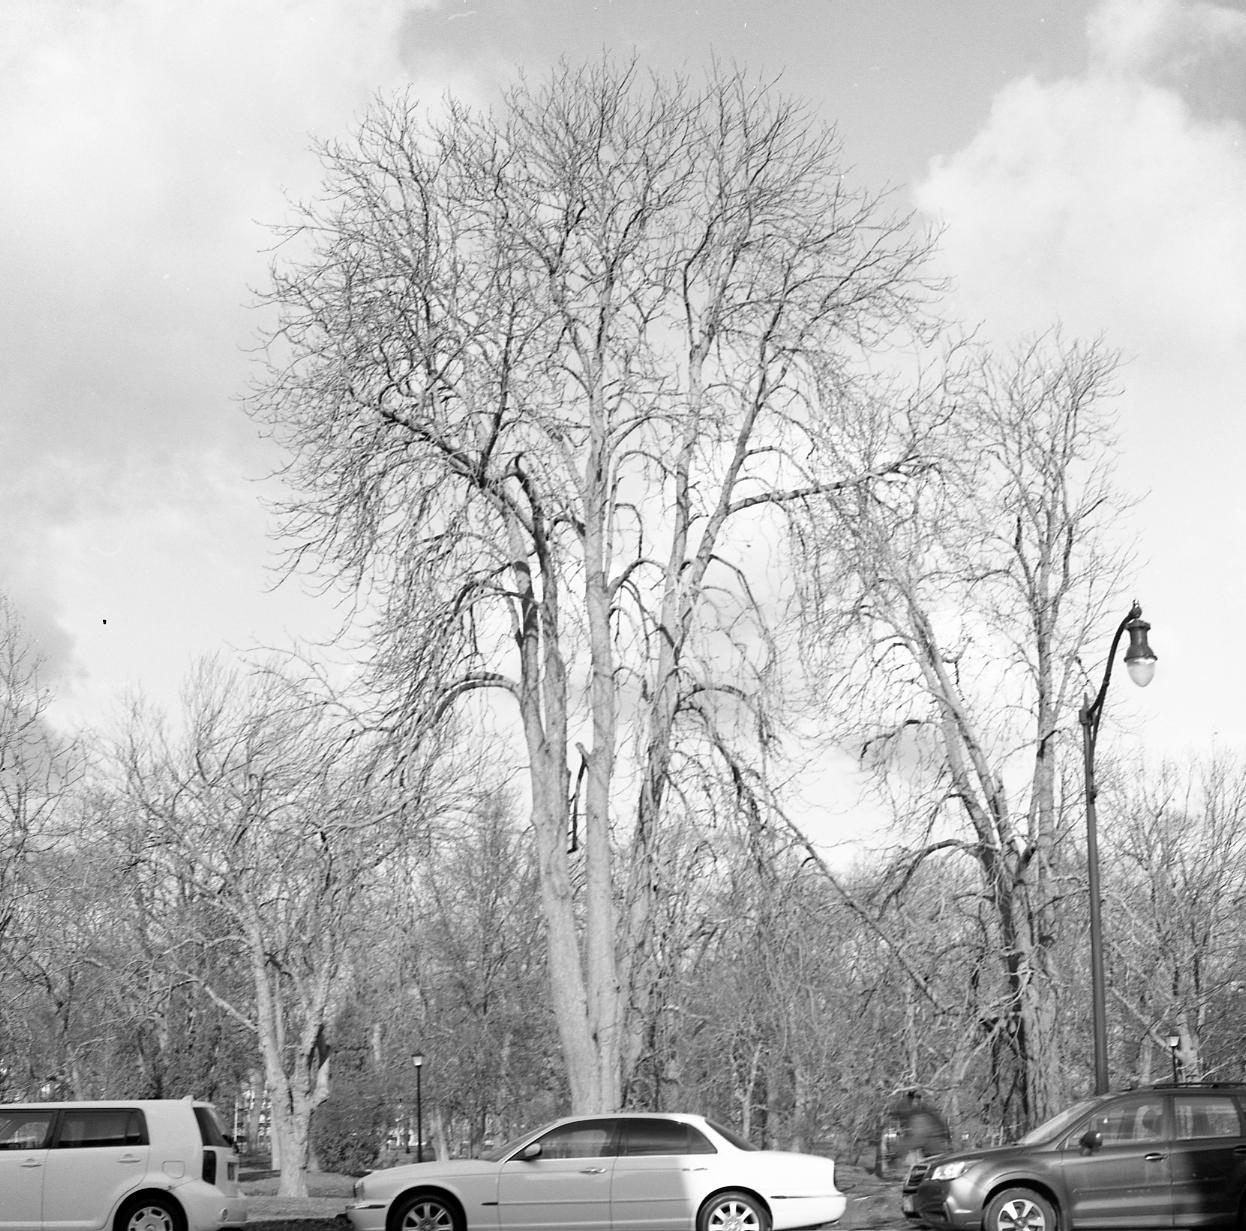 deering oaks 3 (bleach)